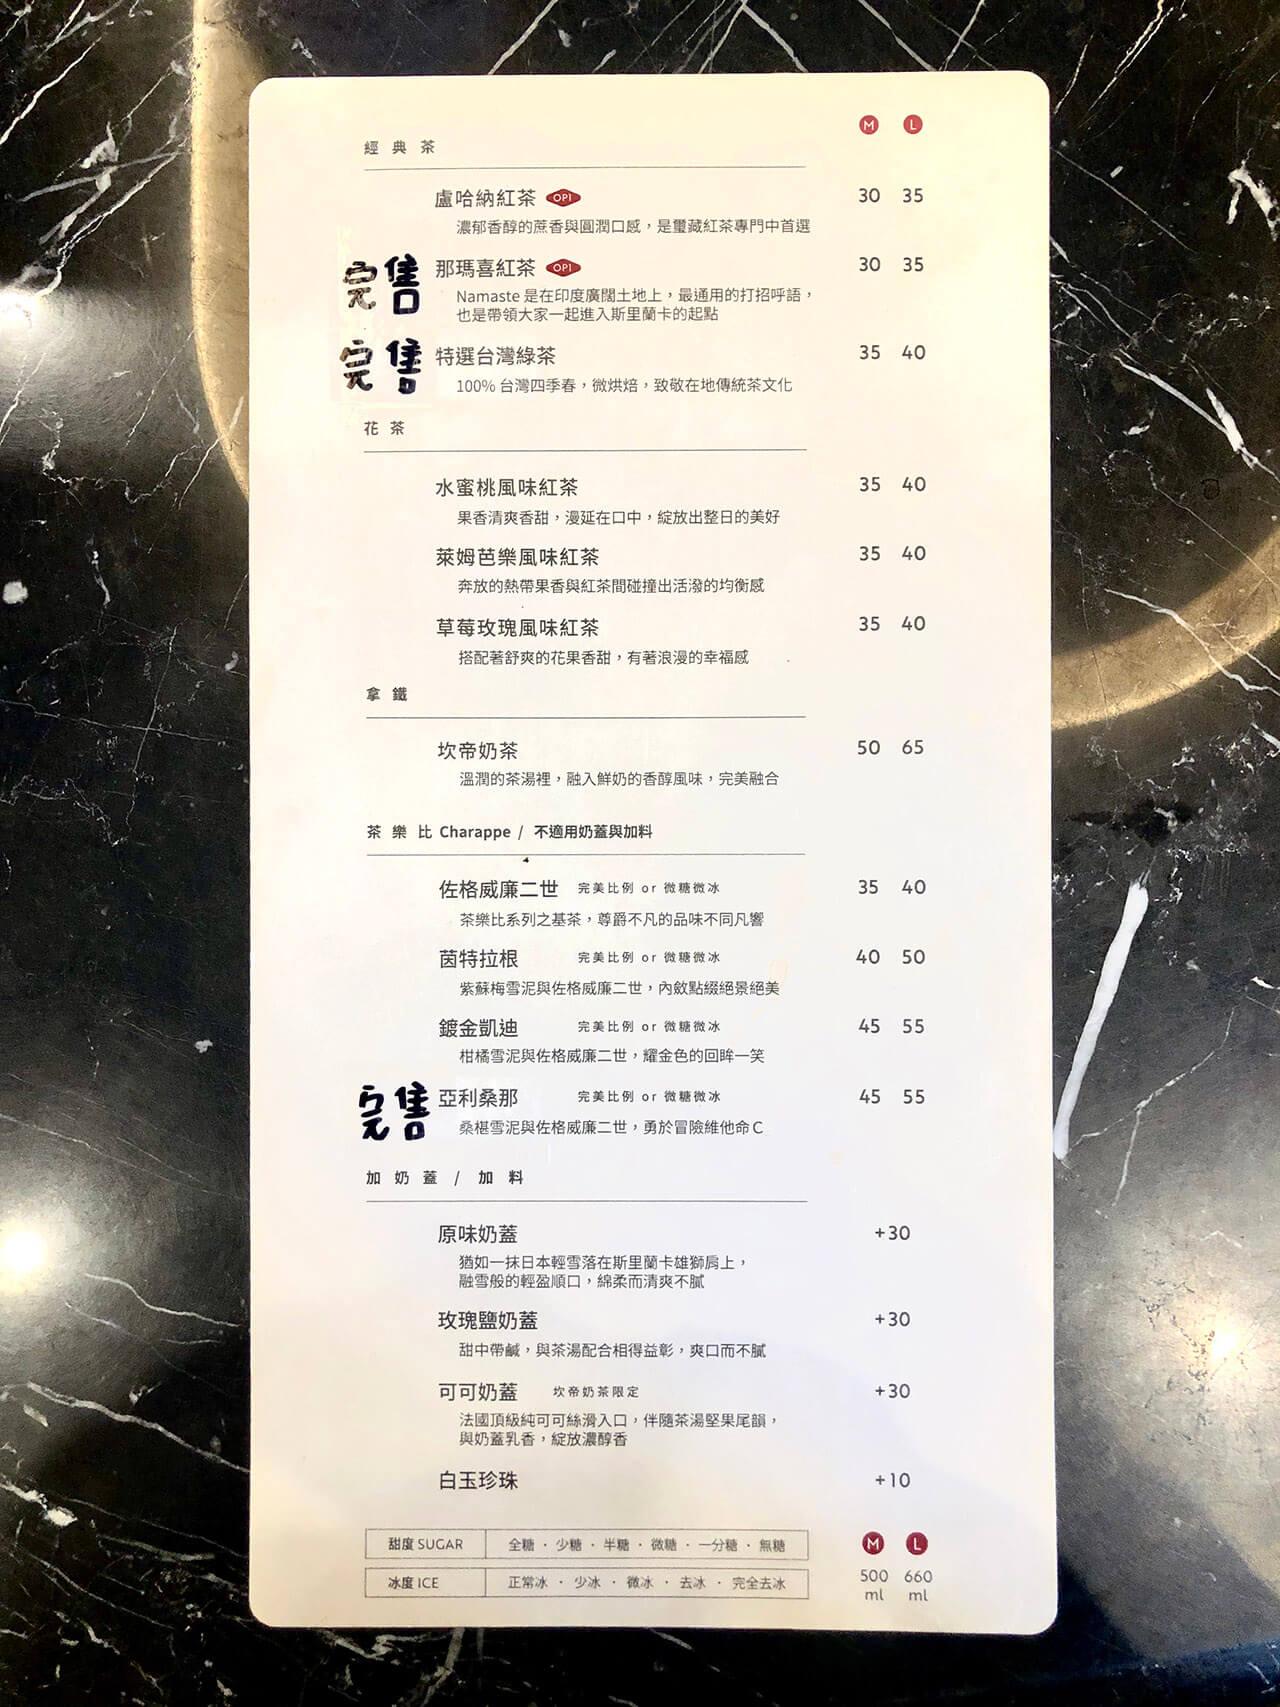 璽藏紅茶菜單